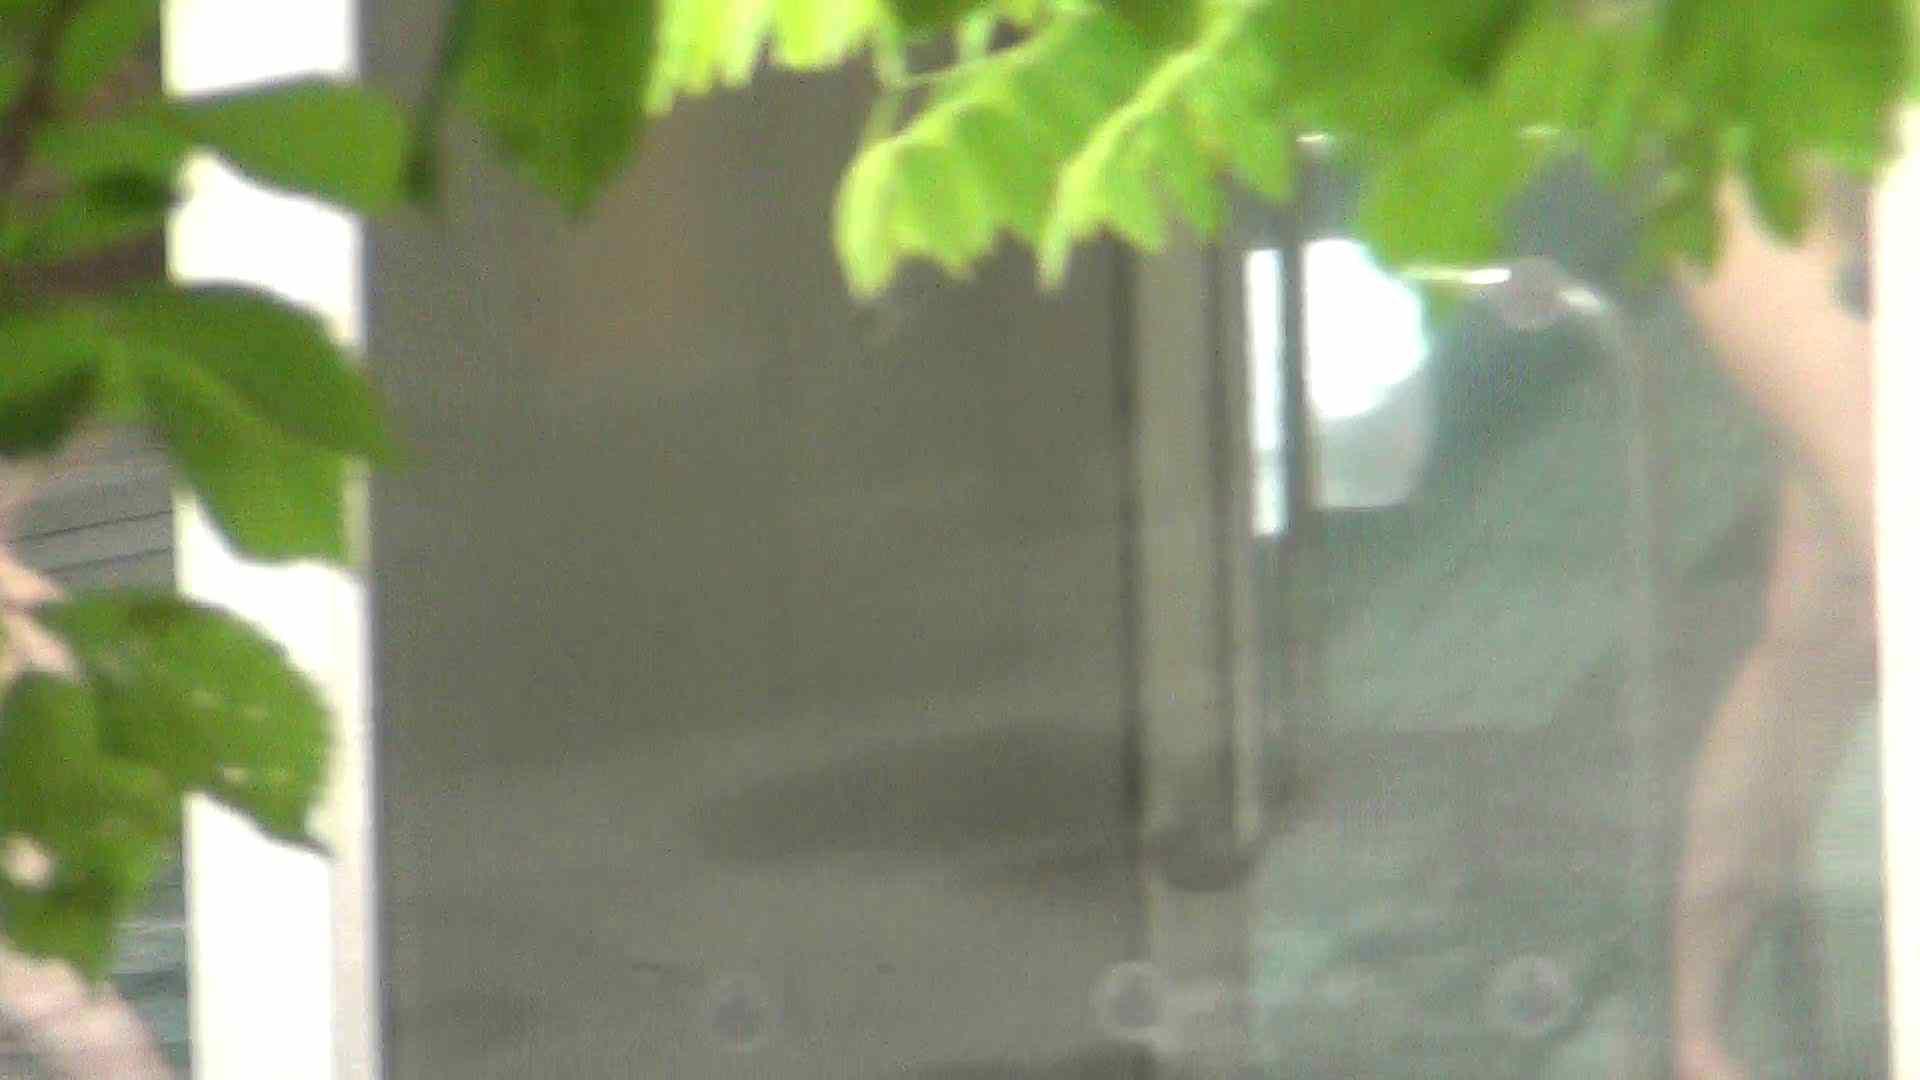 ハイビジョンVol.14 年齢とともに大きくなる心と乳首 乳首 オマンコ動画キャプチャ 100pic 4